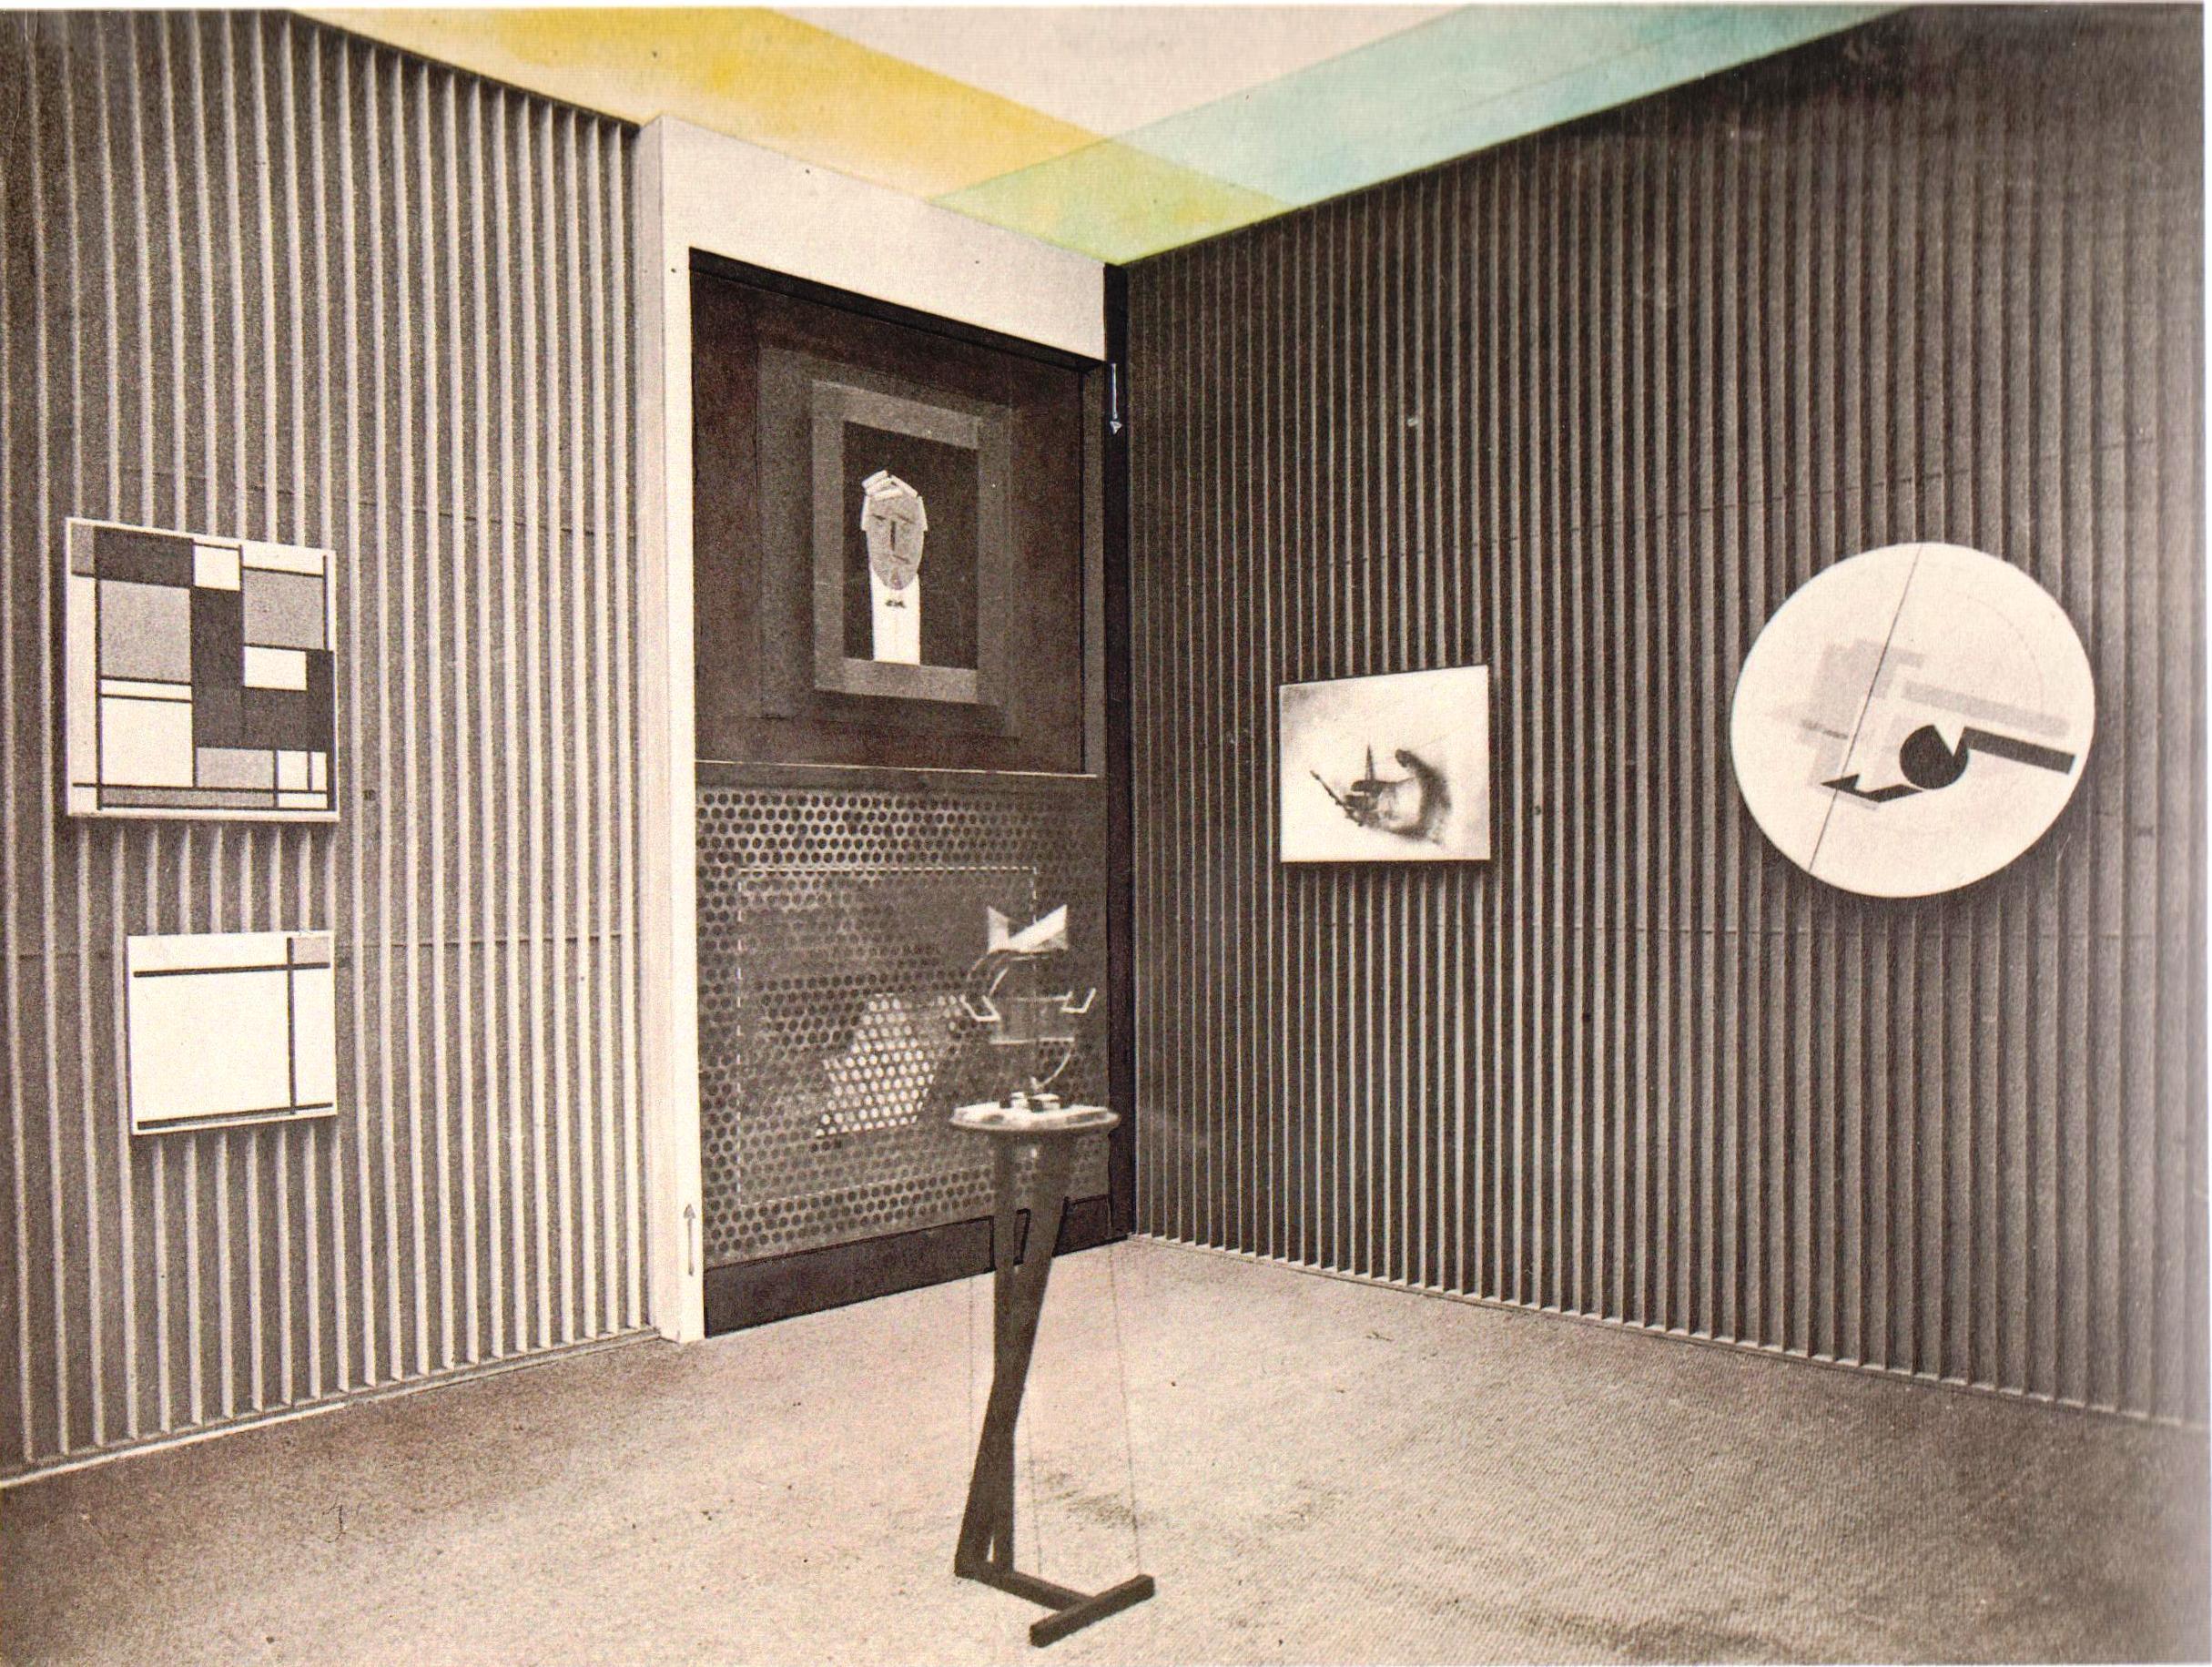 Интерьер зала конструктивного искусства на Международной художественной выставке в Дрездене. 1926a